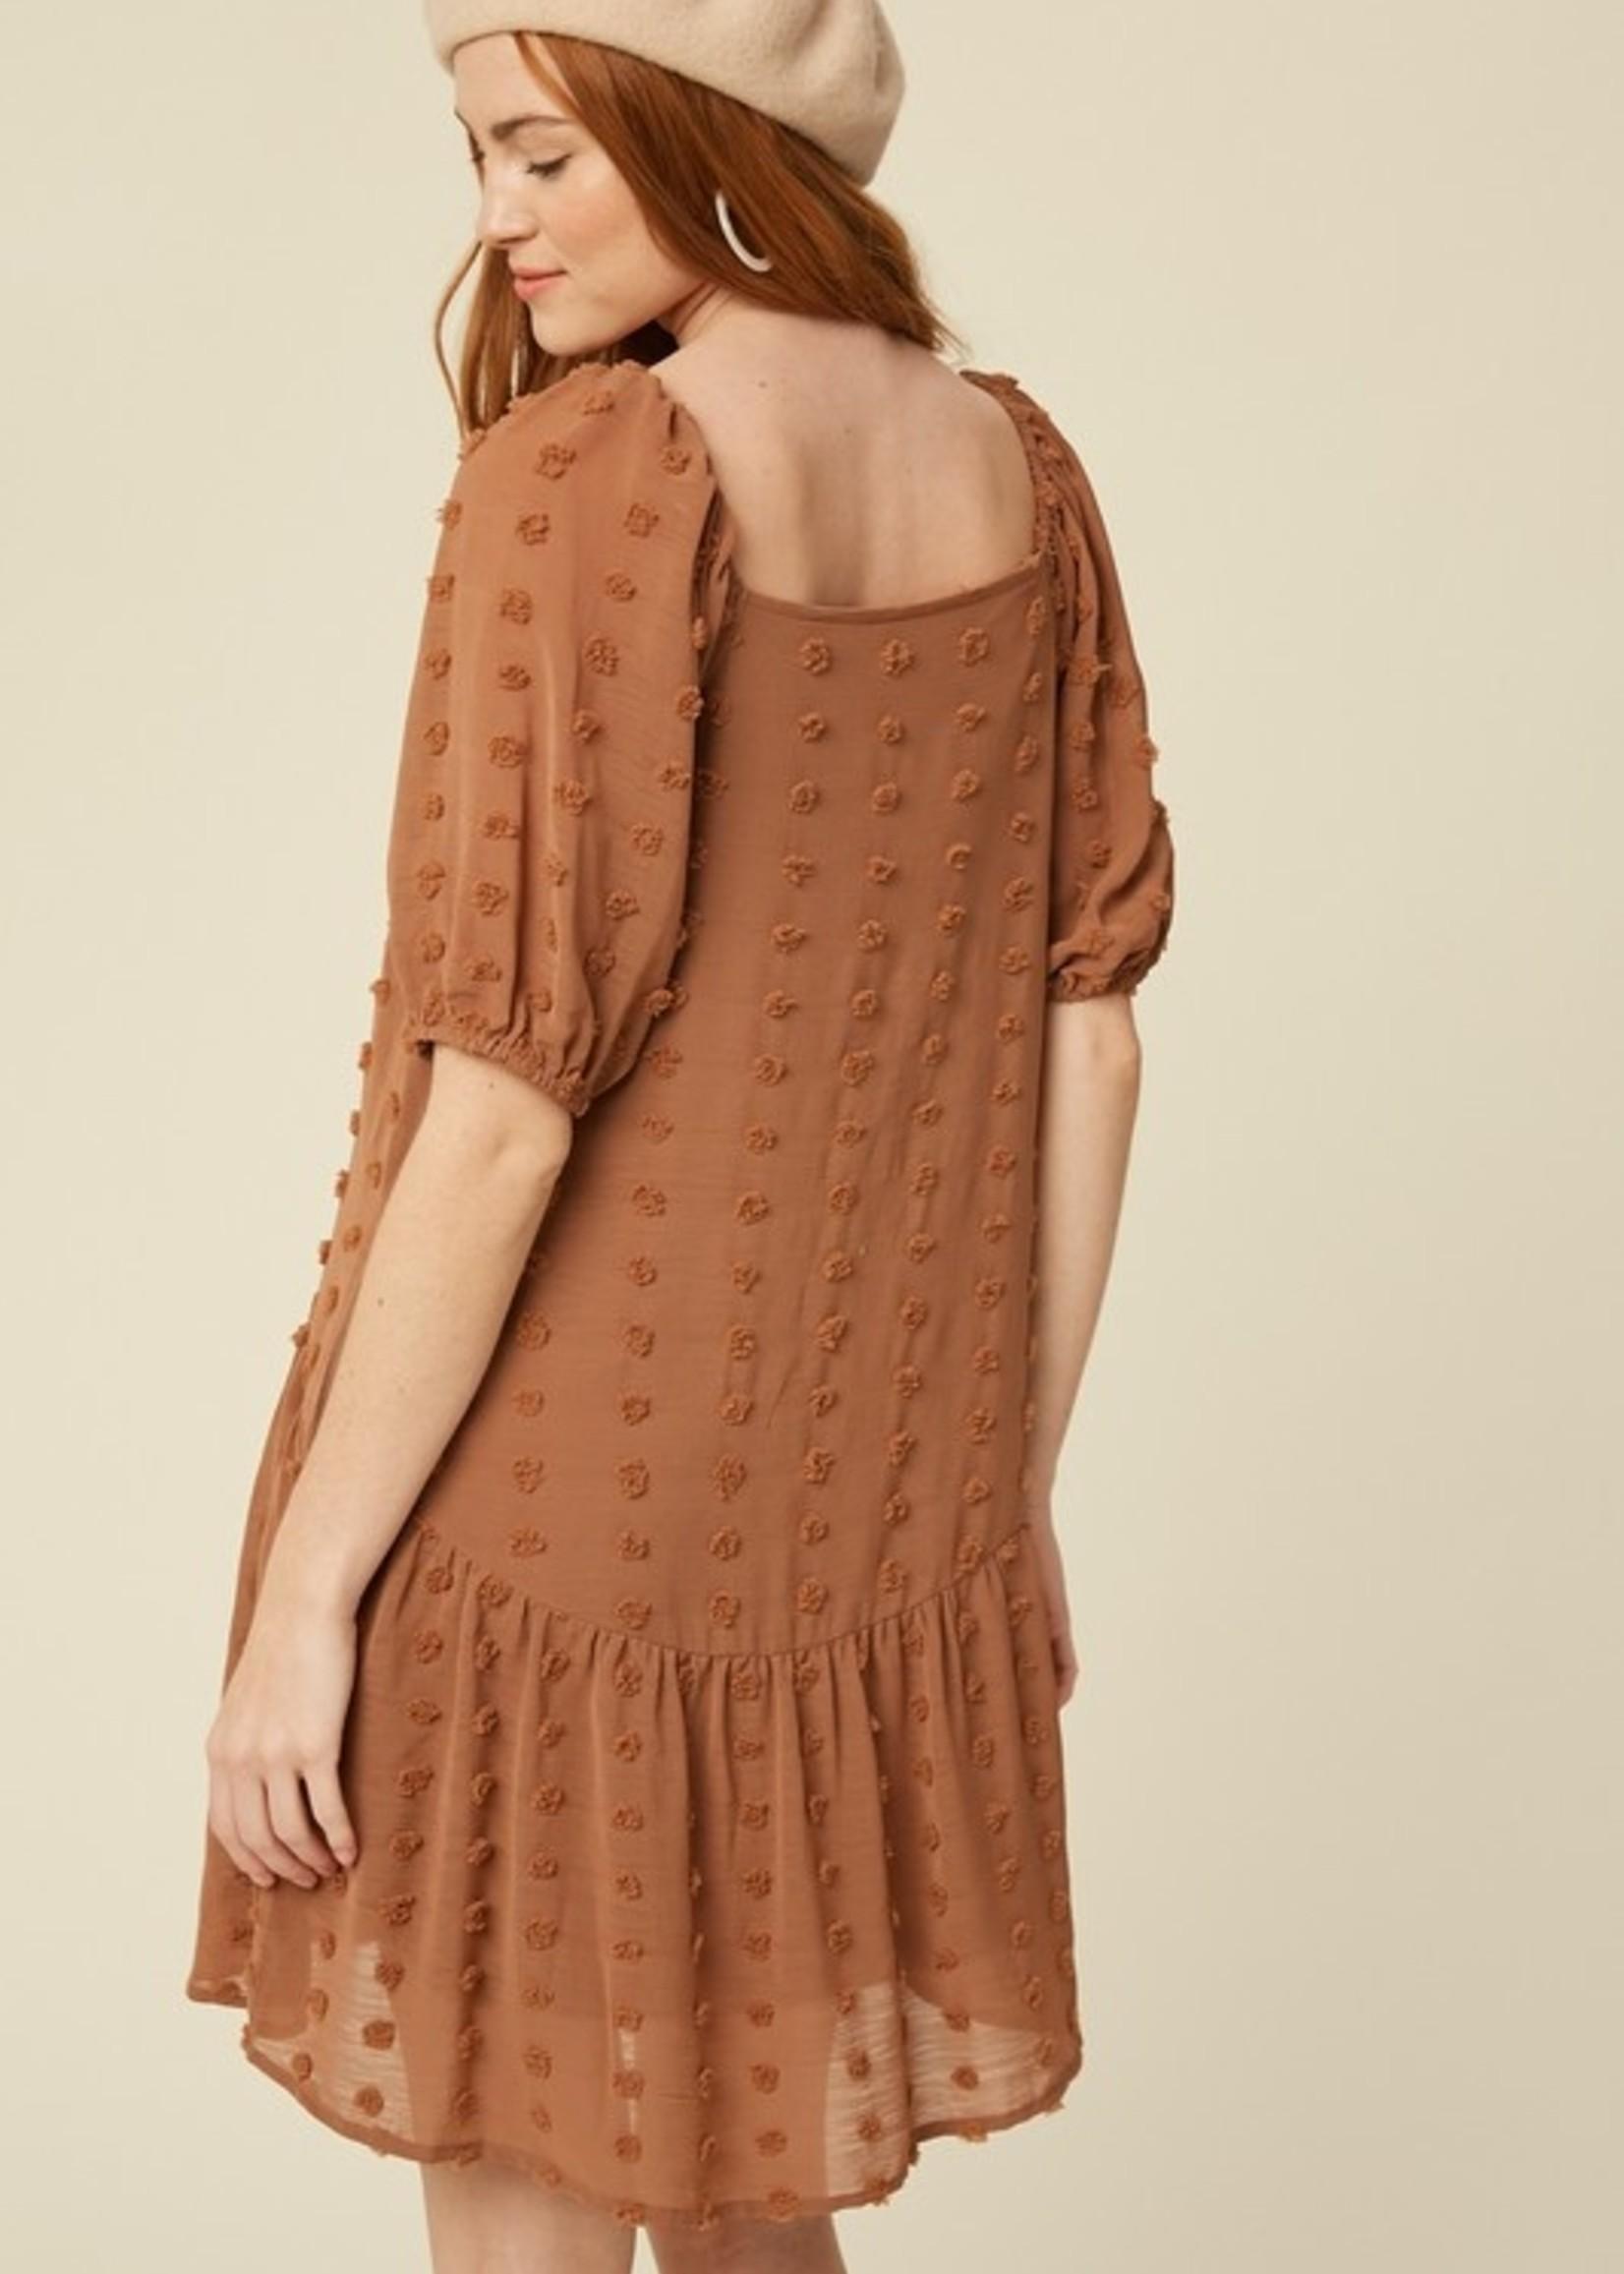 Swiss Dot Square Neck Puff Sleeve Dress - Butterscotch